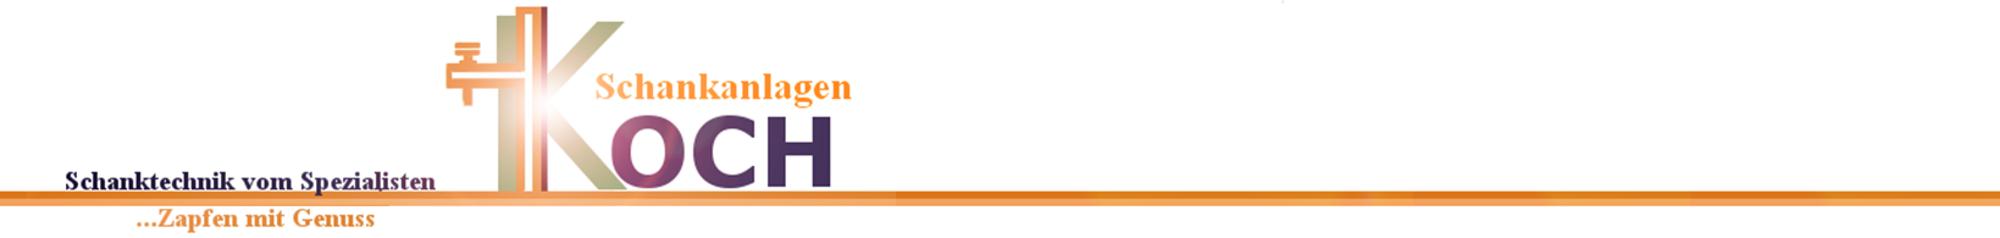 Schankanlagen-Koch- Ihr Profi für Schanktechnik und Gastrobedarf-Logo